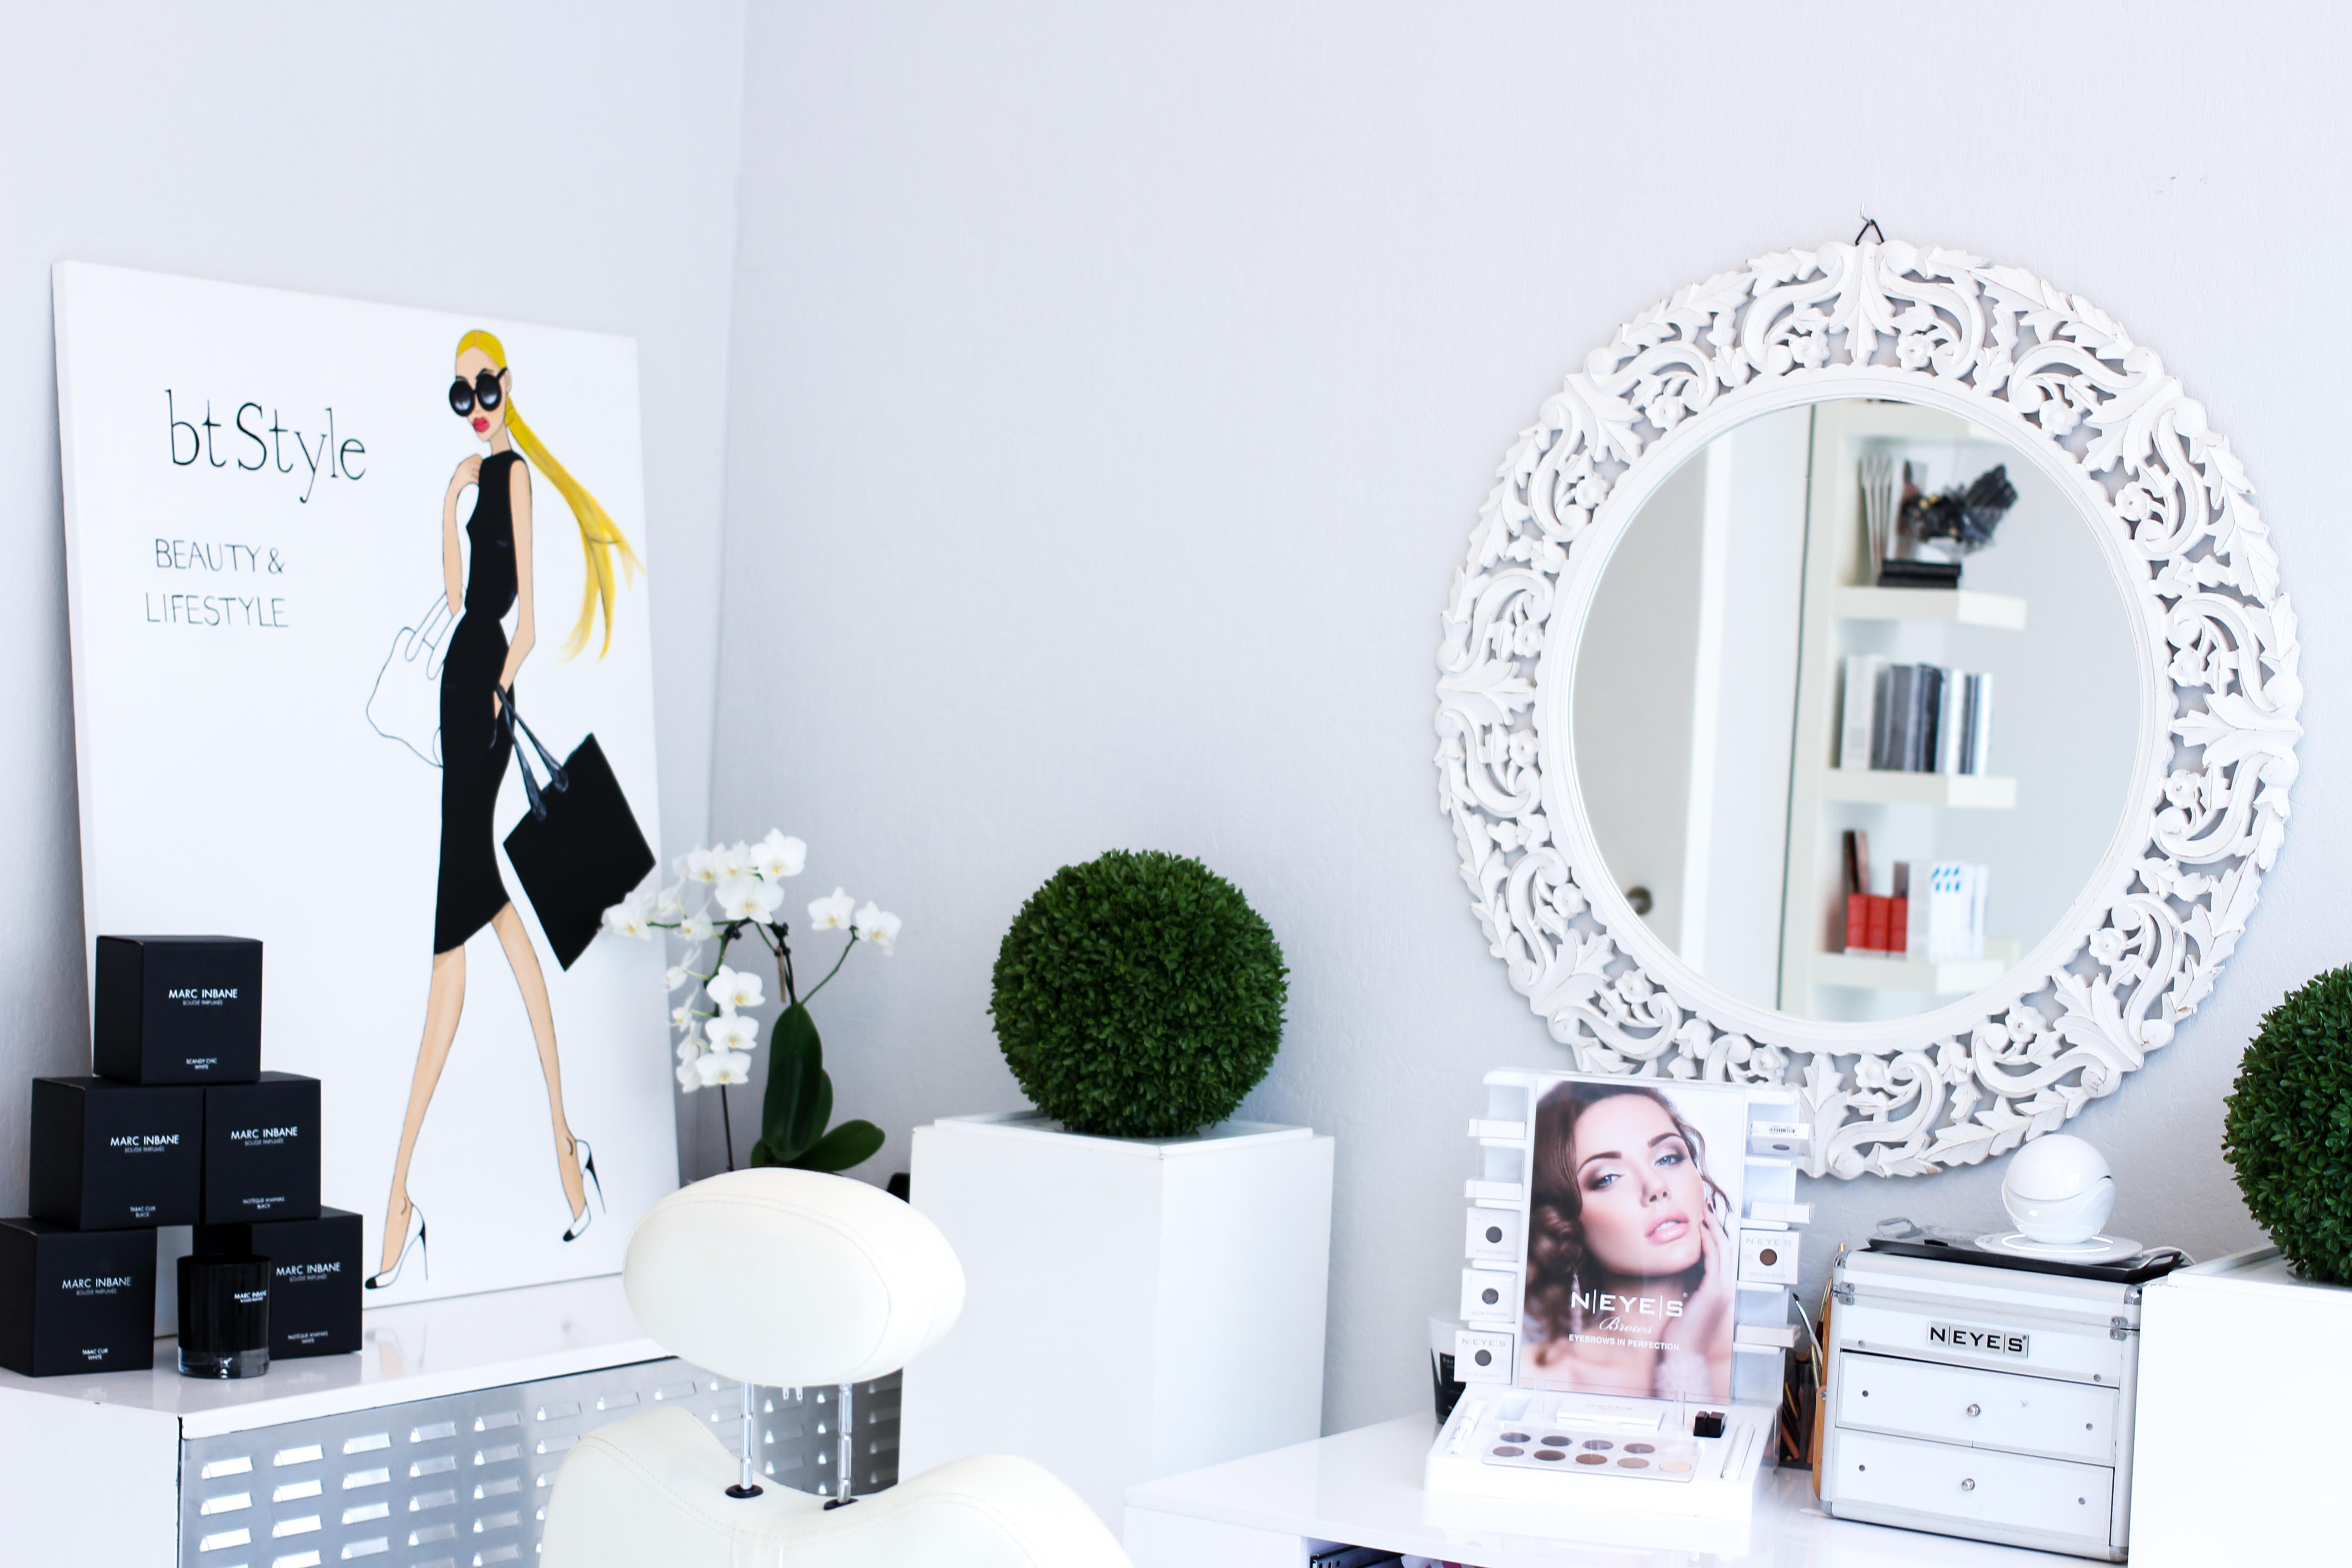 beauty studio Wimpern btstyle bonn bad godesberg erfahrung beauty blog 2